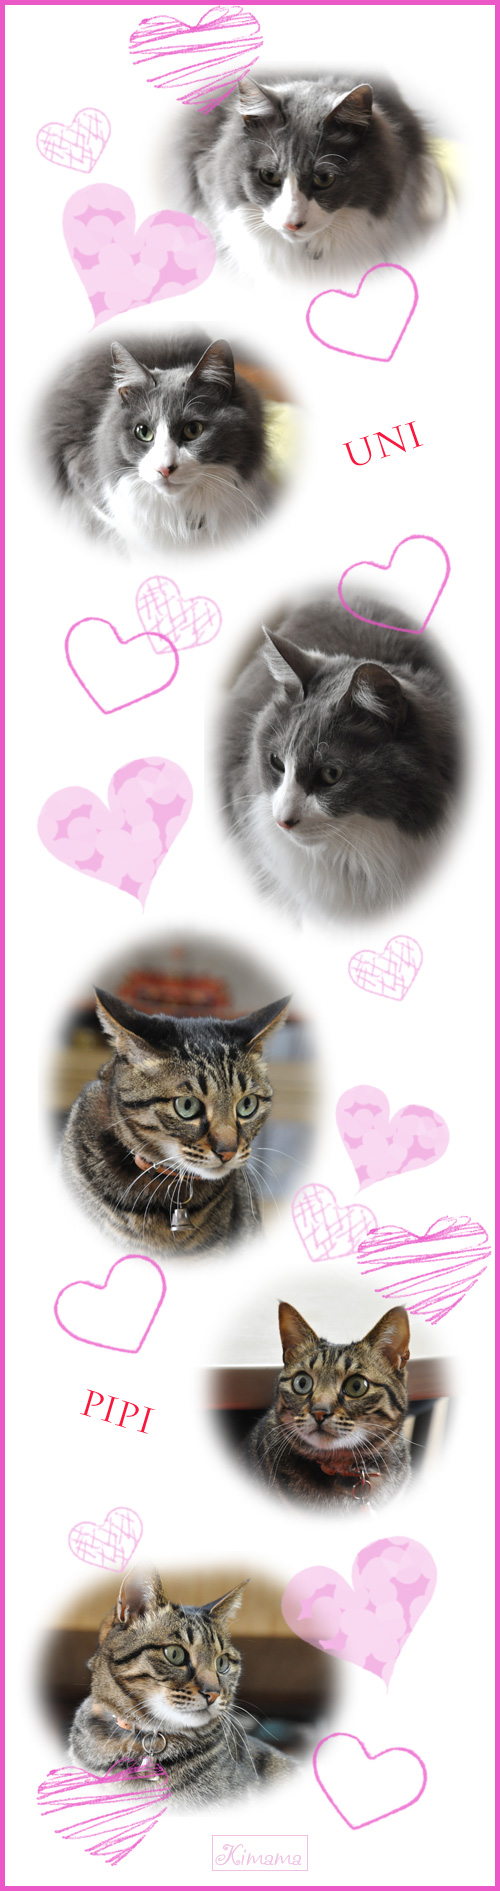 2月22日猫の日1